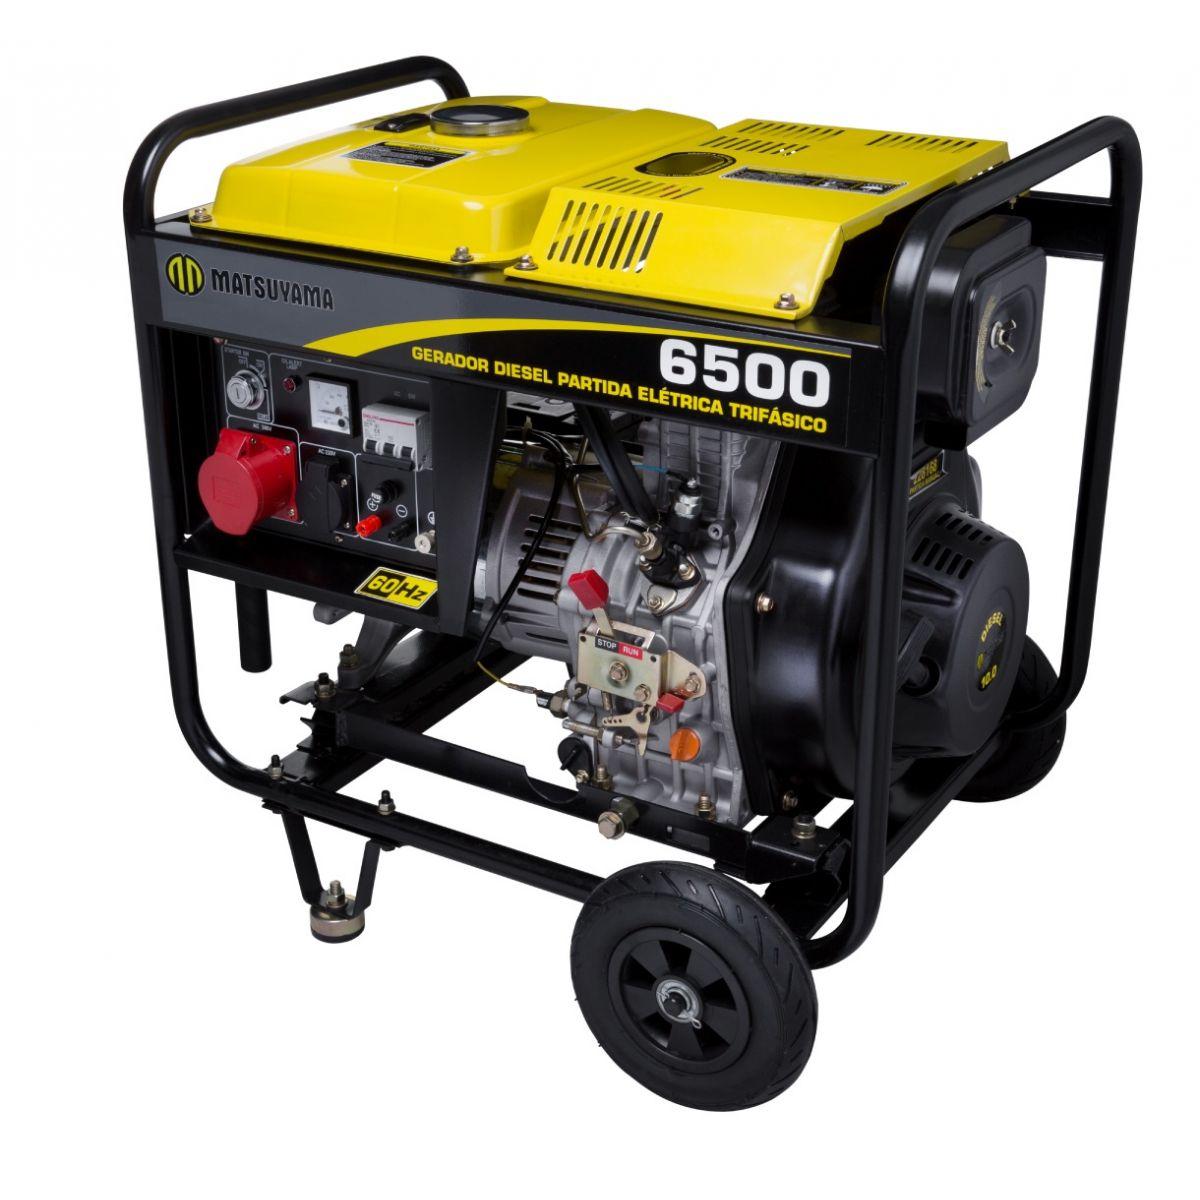 Gerador 6500 Diesel Trifásico 380V Partida Elétrica Matsuyama